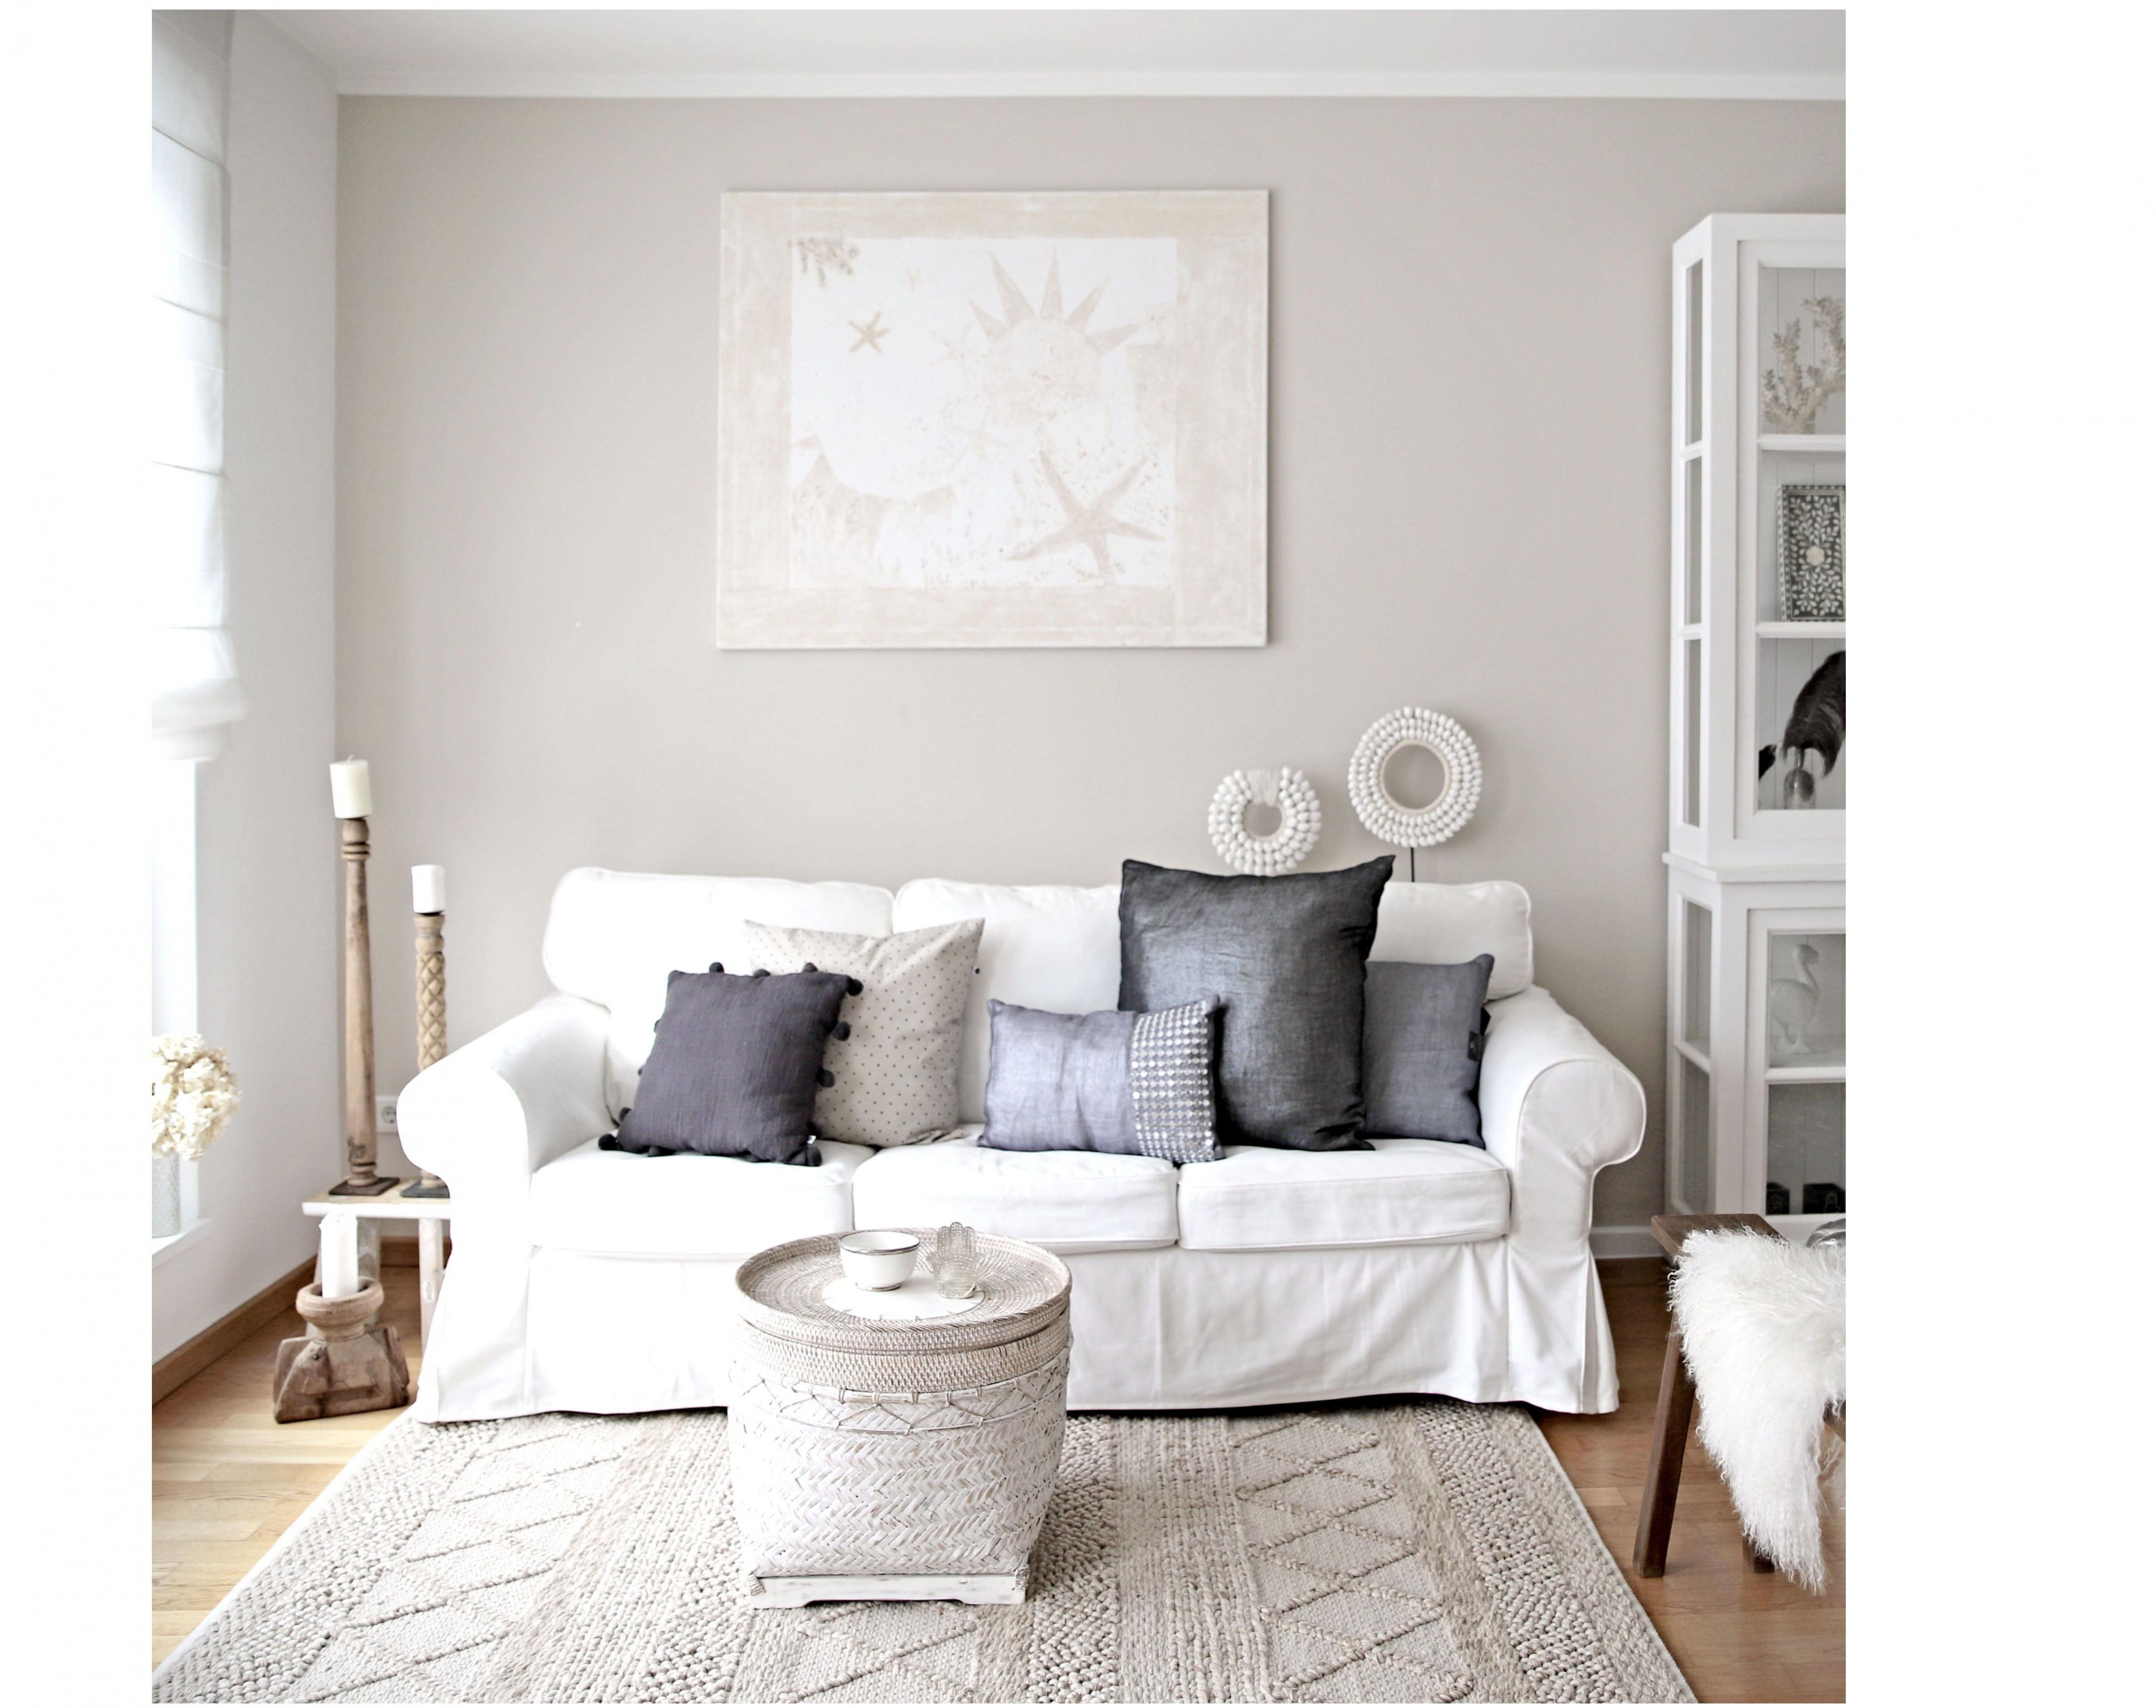 Sofakissen Dekorieren Für Das Schönste Wohnzimmer  Deko Diy von Wohnzimmer Deko Über Couch Bild